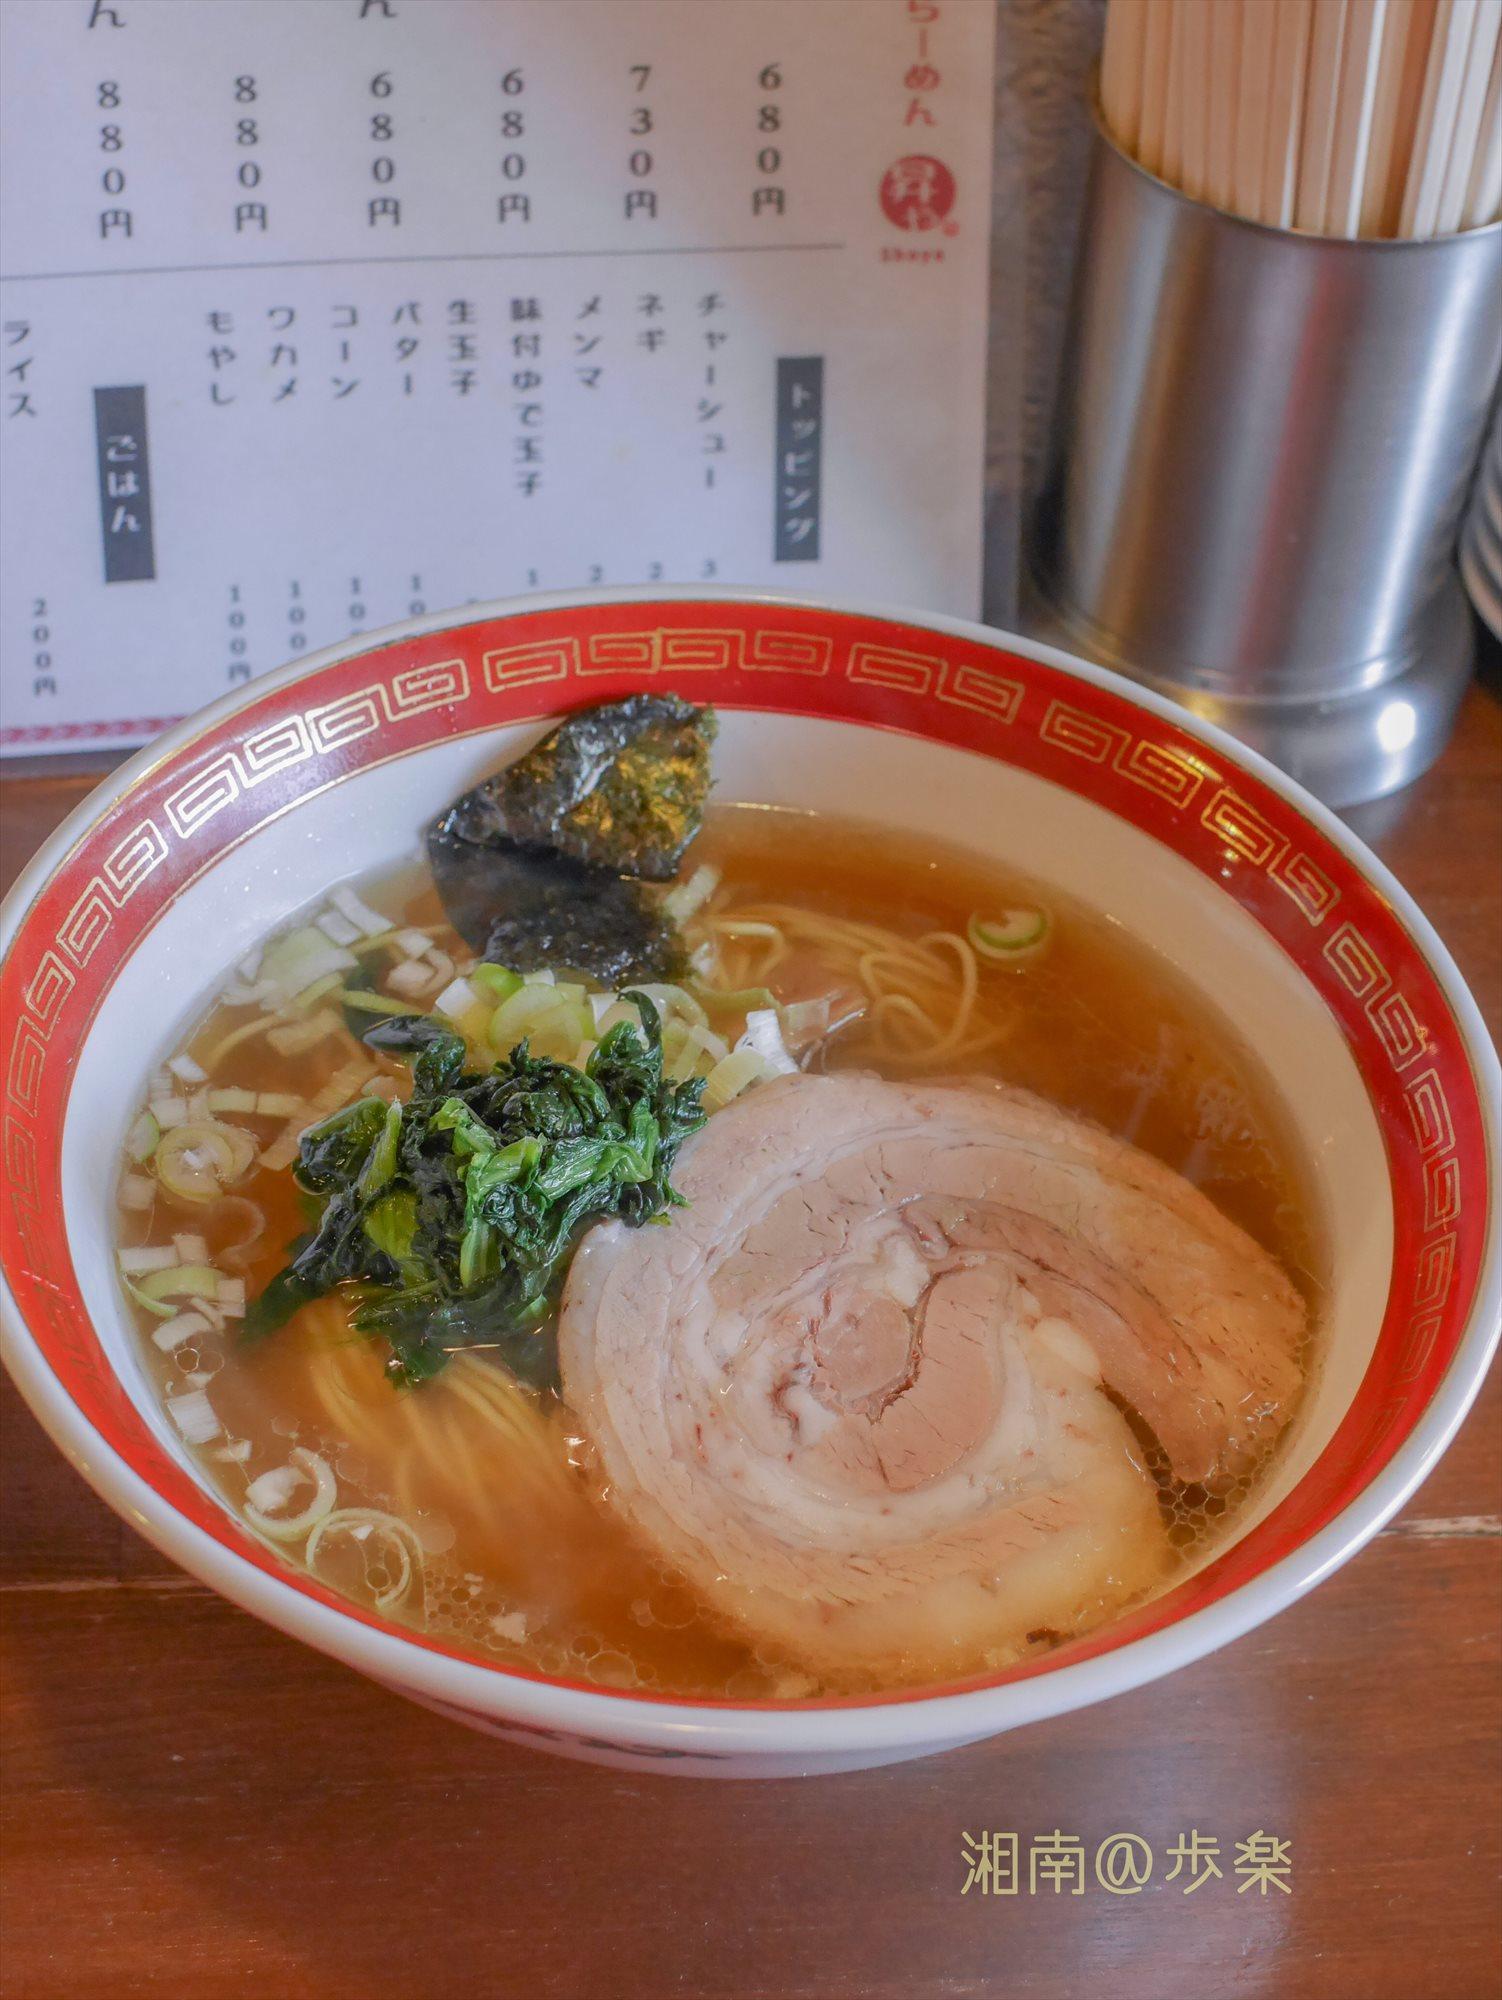 鶏鰹出汁のダブルスープ 薄口醤油の塩分がアクセント